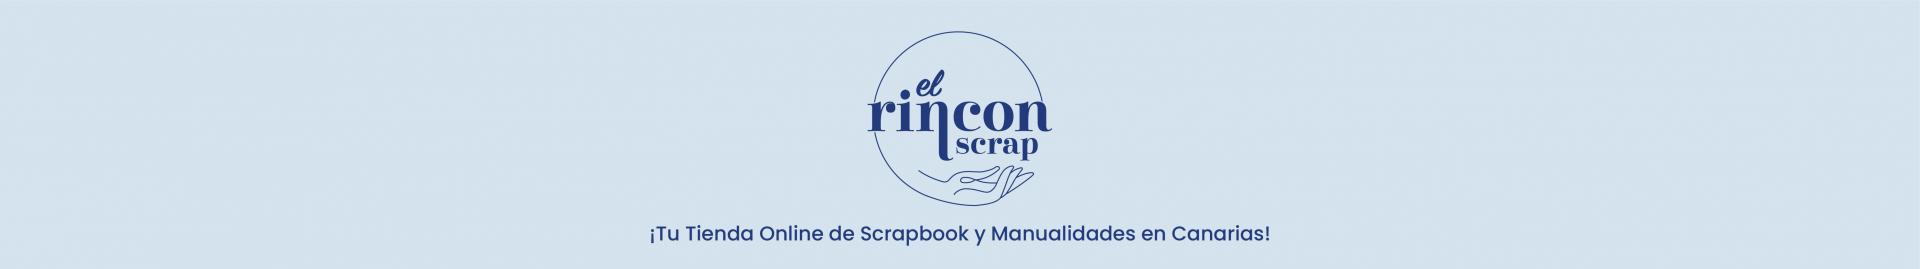 El Rincon Scrap